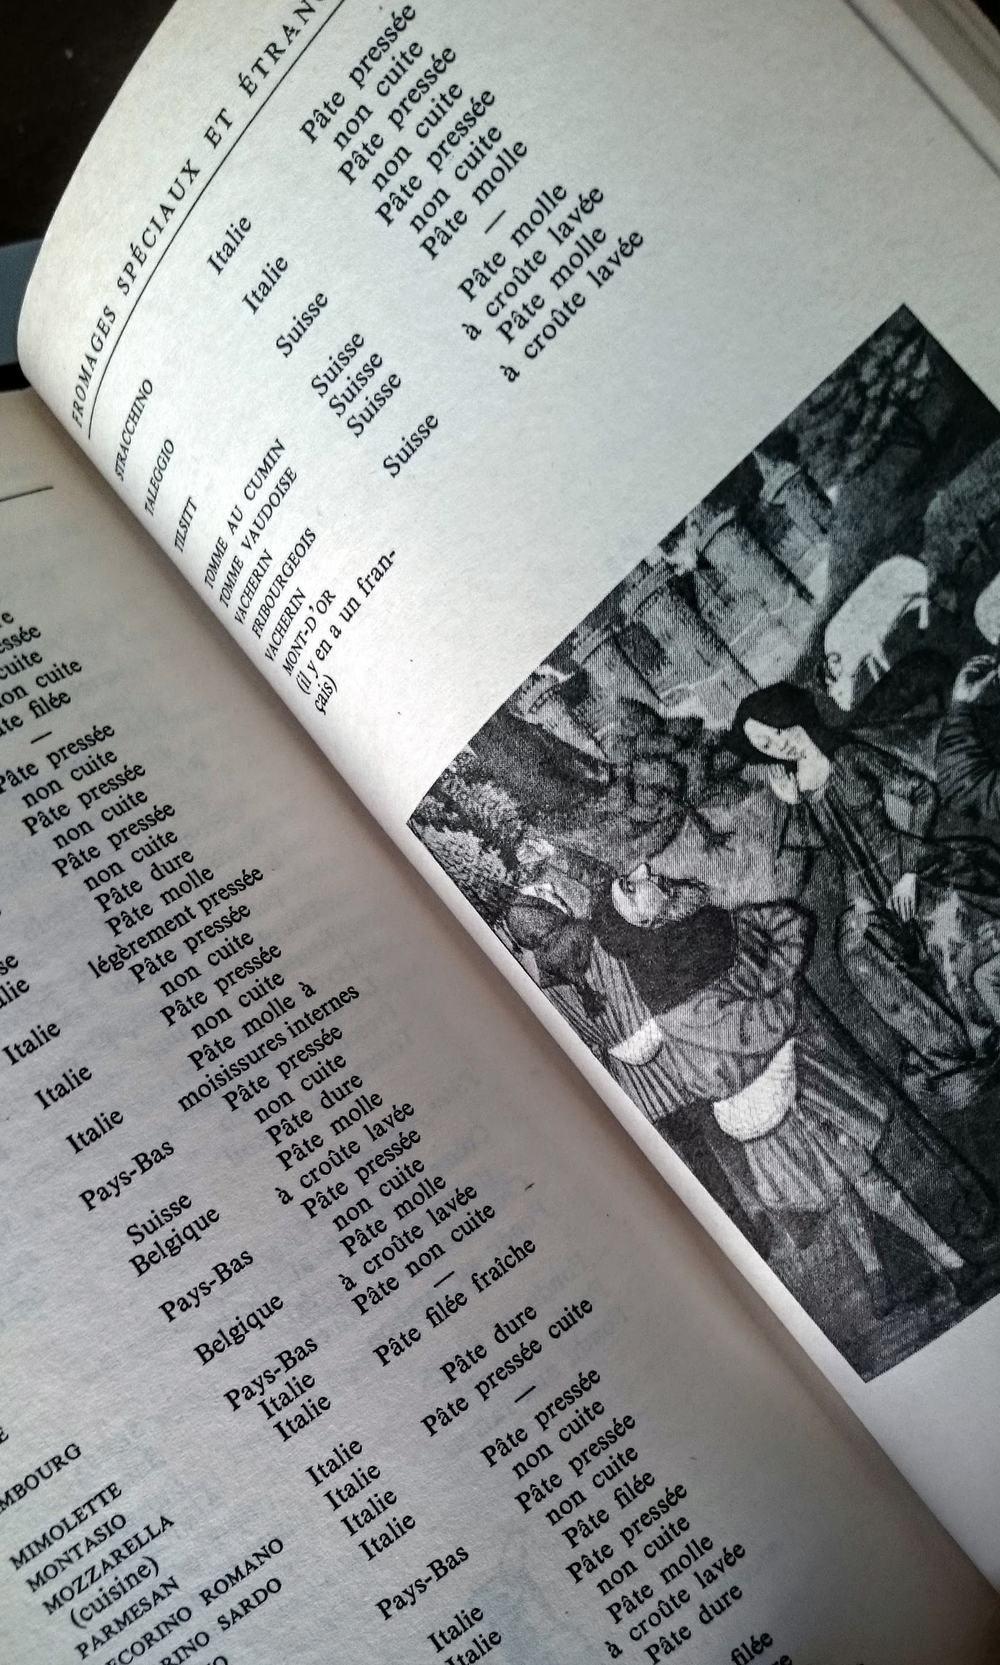 Le Guide d'Androuet est une collection énorme. Il y a des lettres à sa fille,des explications, recommandations et illustrations.